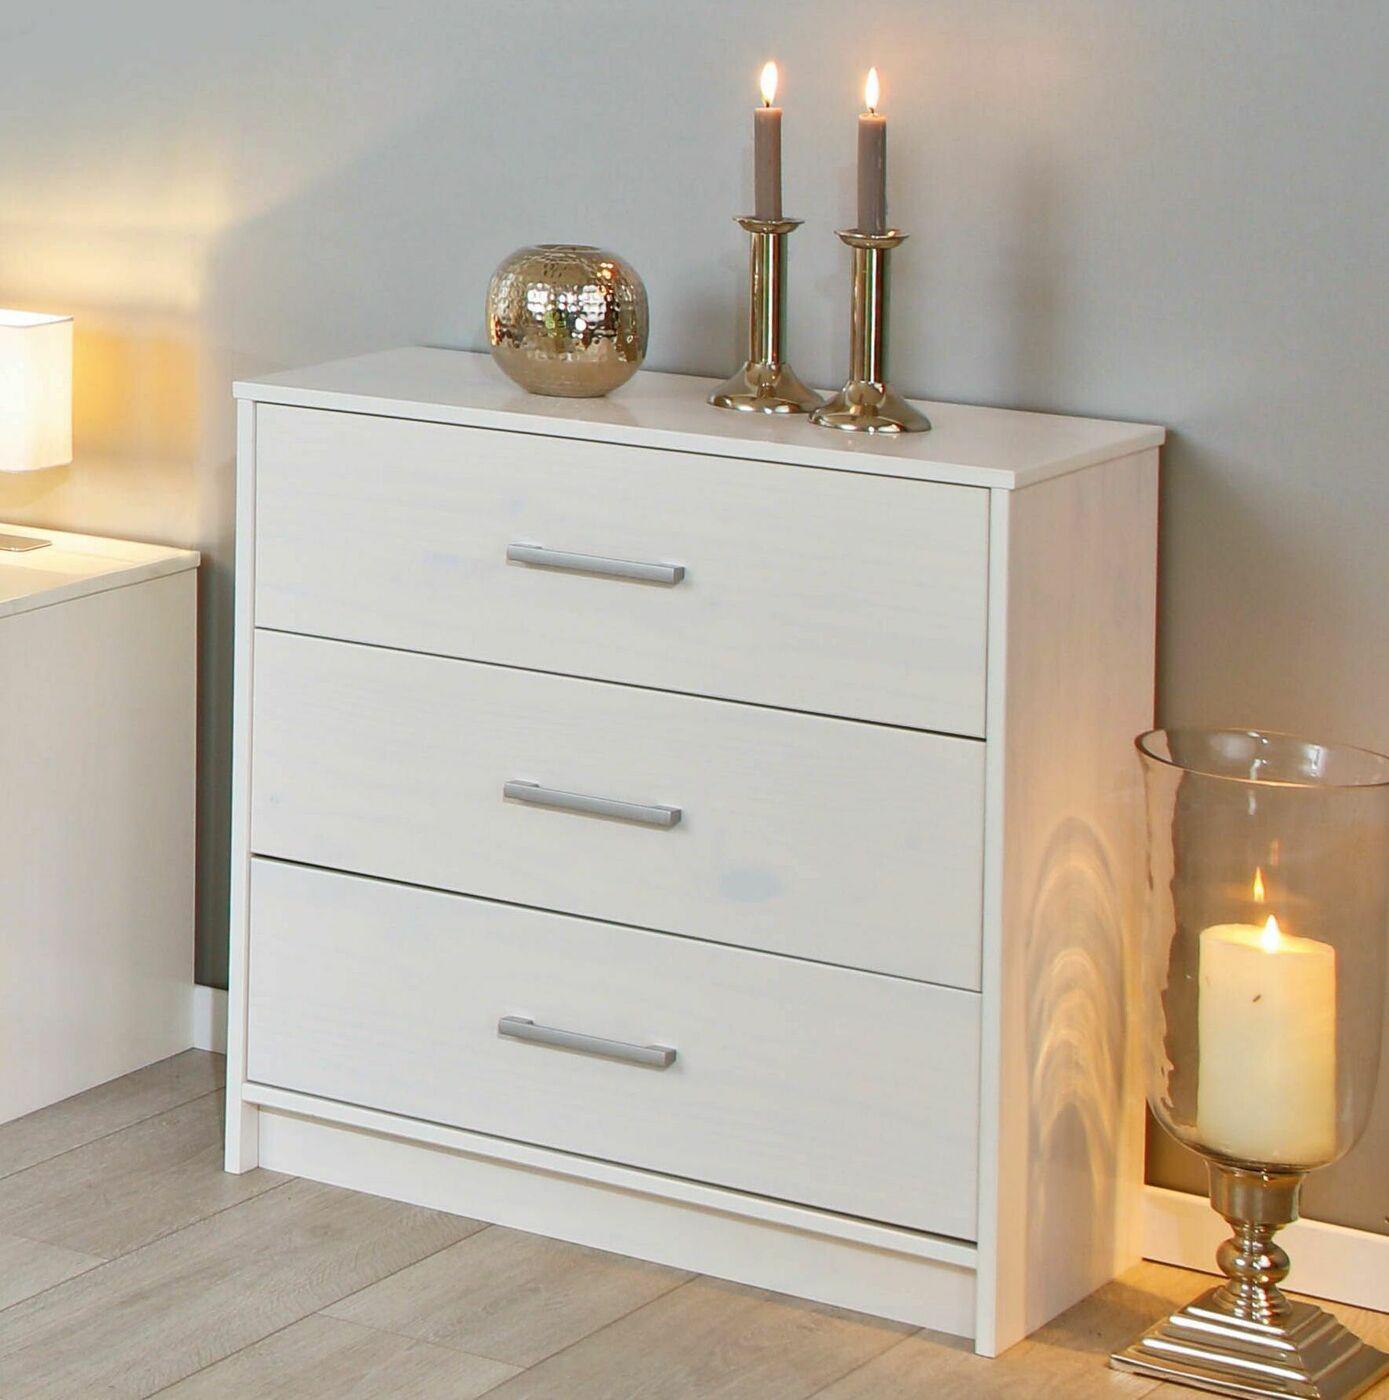 preiswerte schubladen kommode aus wei lackierter kiefer genf. Black Bedroom Furniture Sets. Home Design Ideas